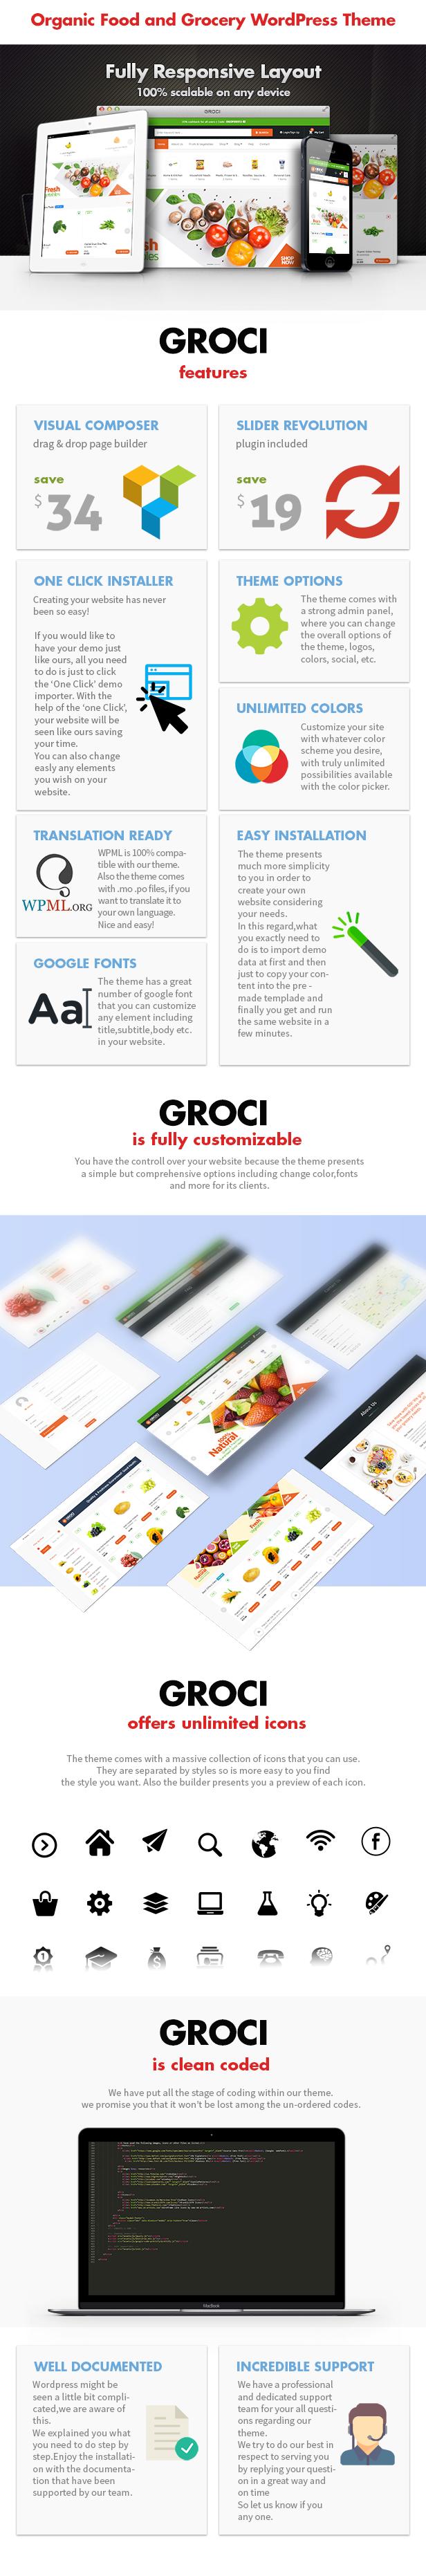 Groci - Thème WordPress du marché des aliments biologiques et des épiceries - 3